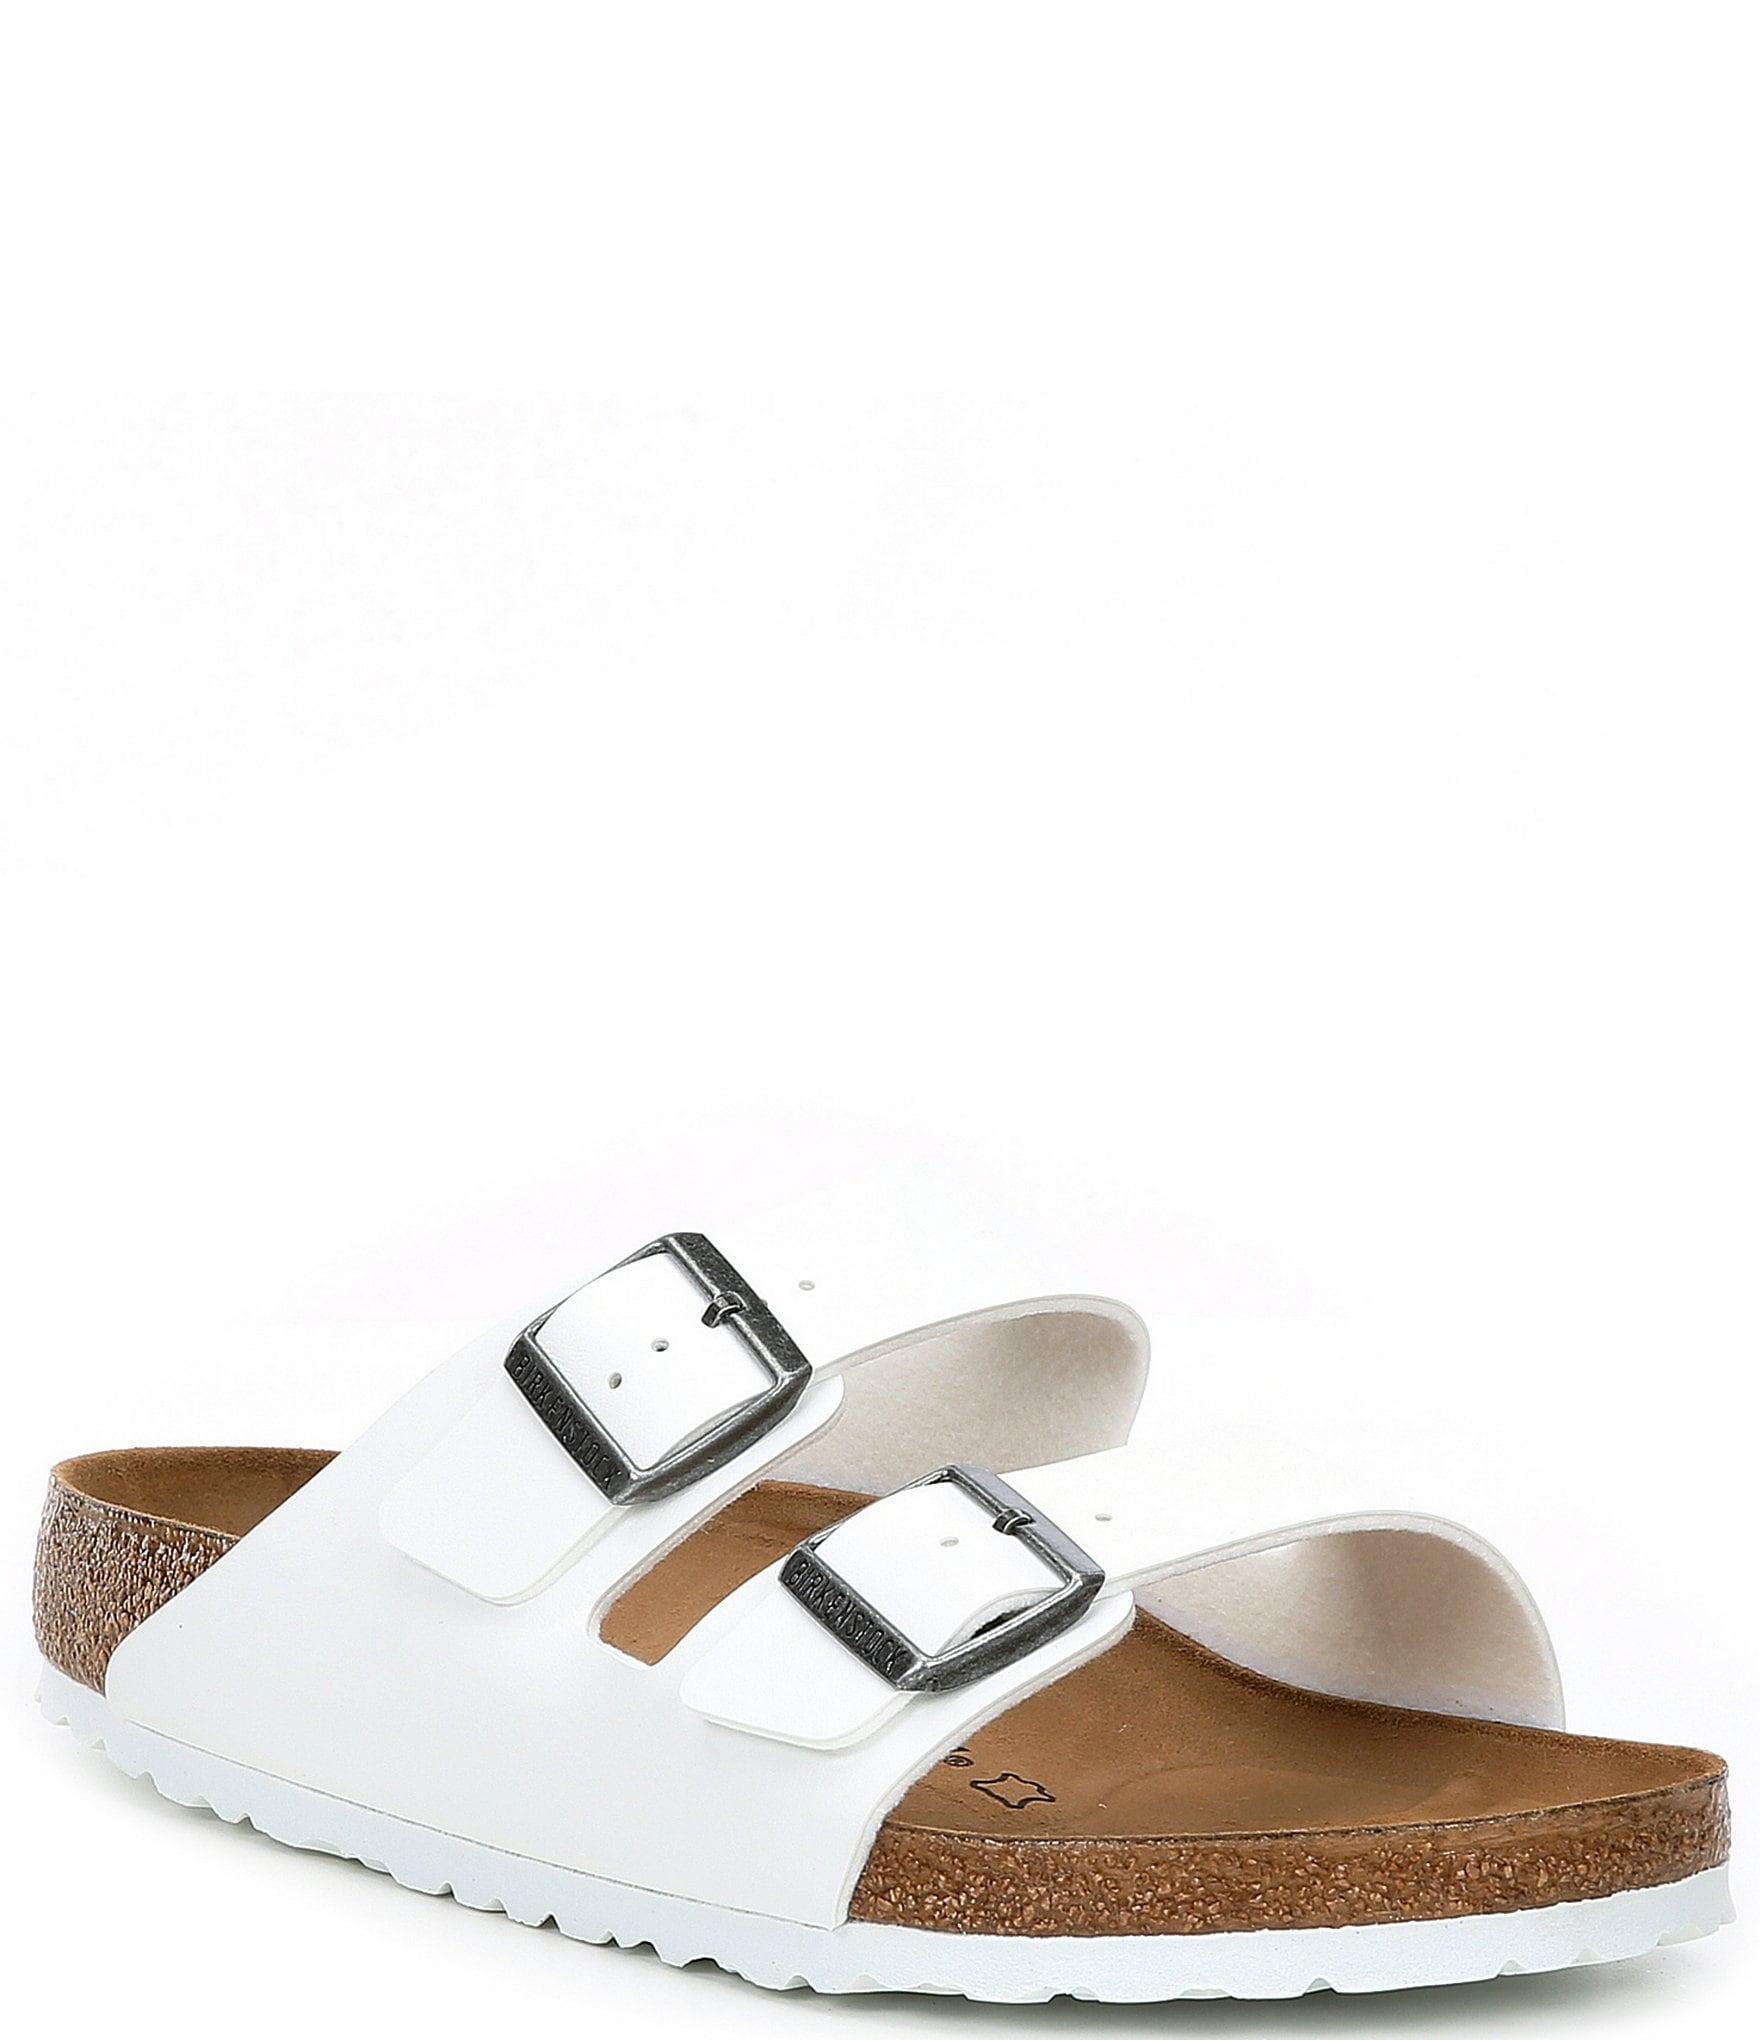 Birkenstock Men's Arizona Birko Flor Sandals